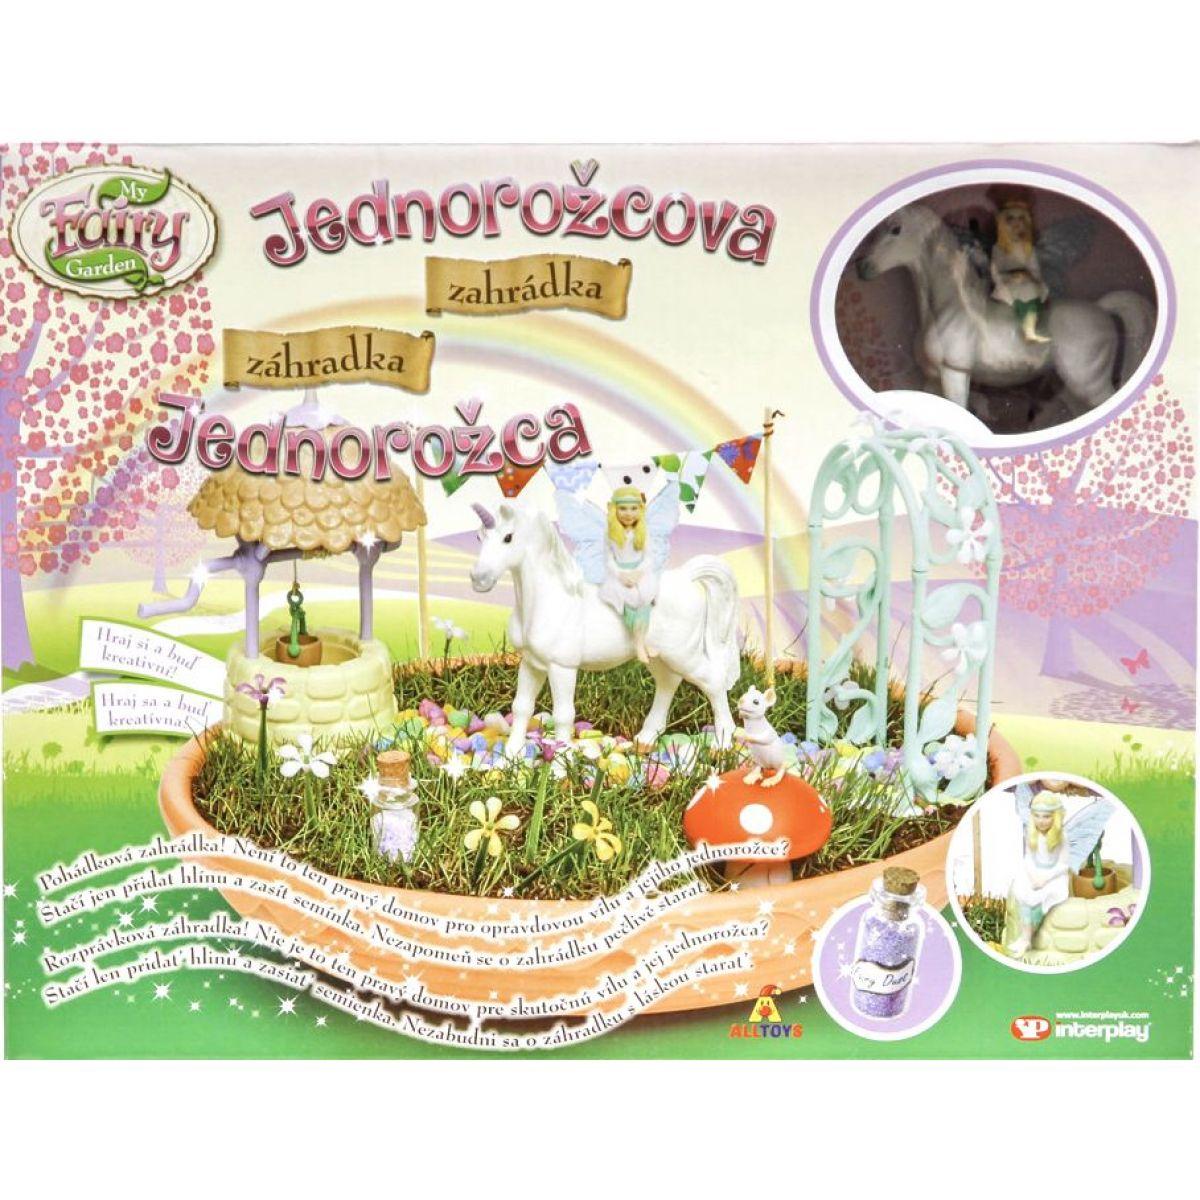 My Fairy Garden Jednorožcova zahrádka #2